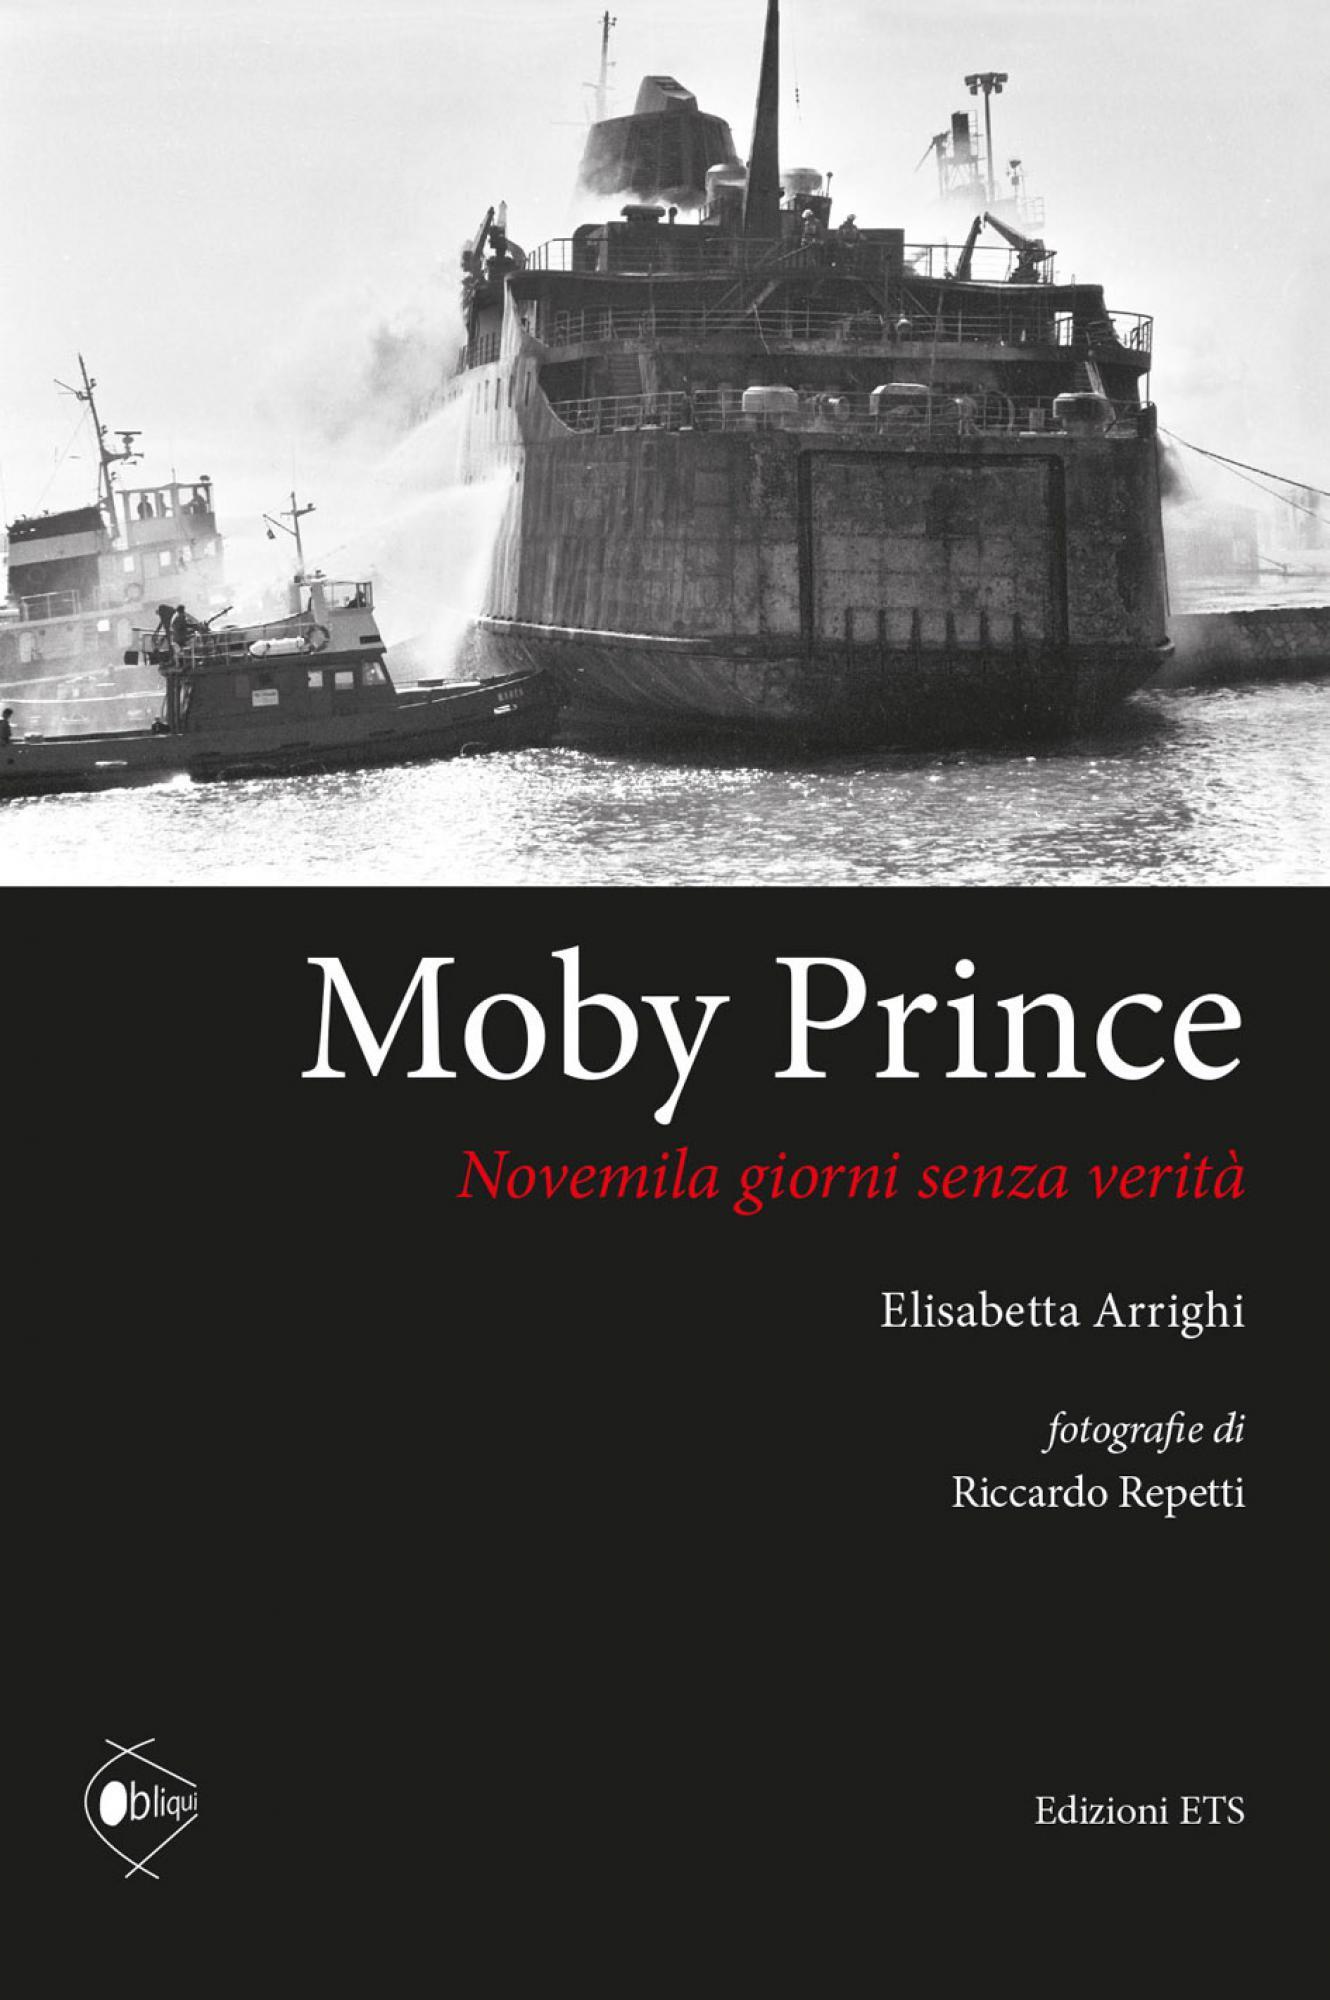 Moby Prince.Novemila giorni senza verità